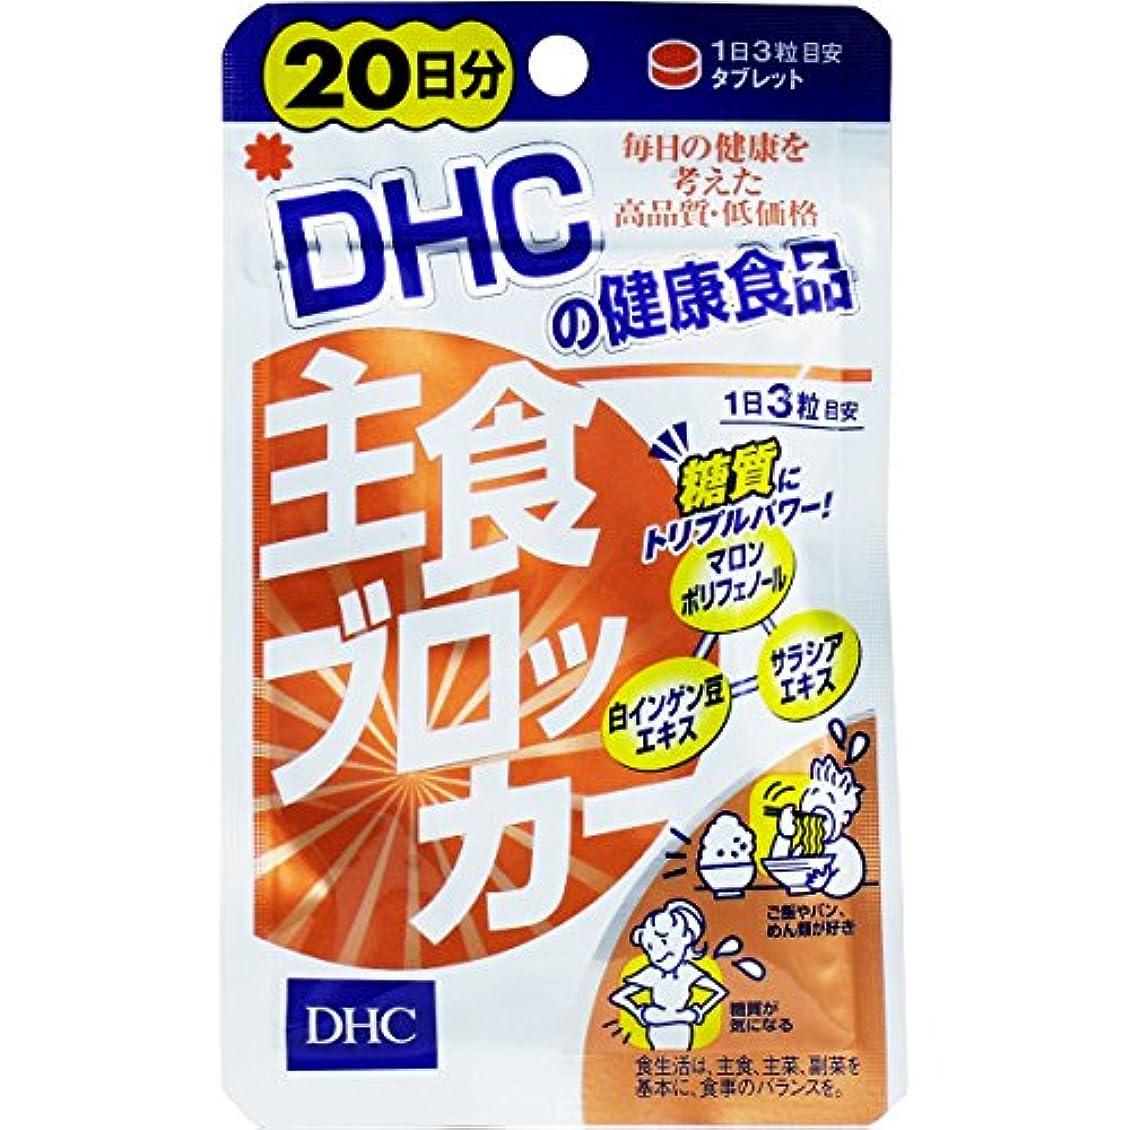 幻滅浸漬代わりのサプリ 主食好きさんの、健康とダイエットに 話題の DHC 主食ブロッカー 20日分 60粒入